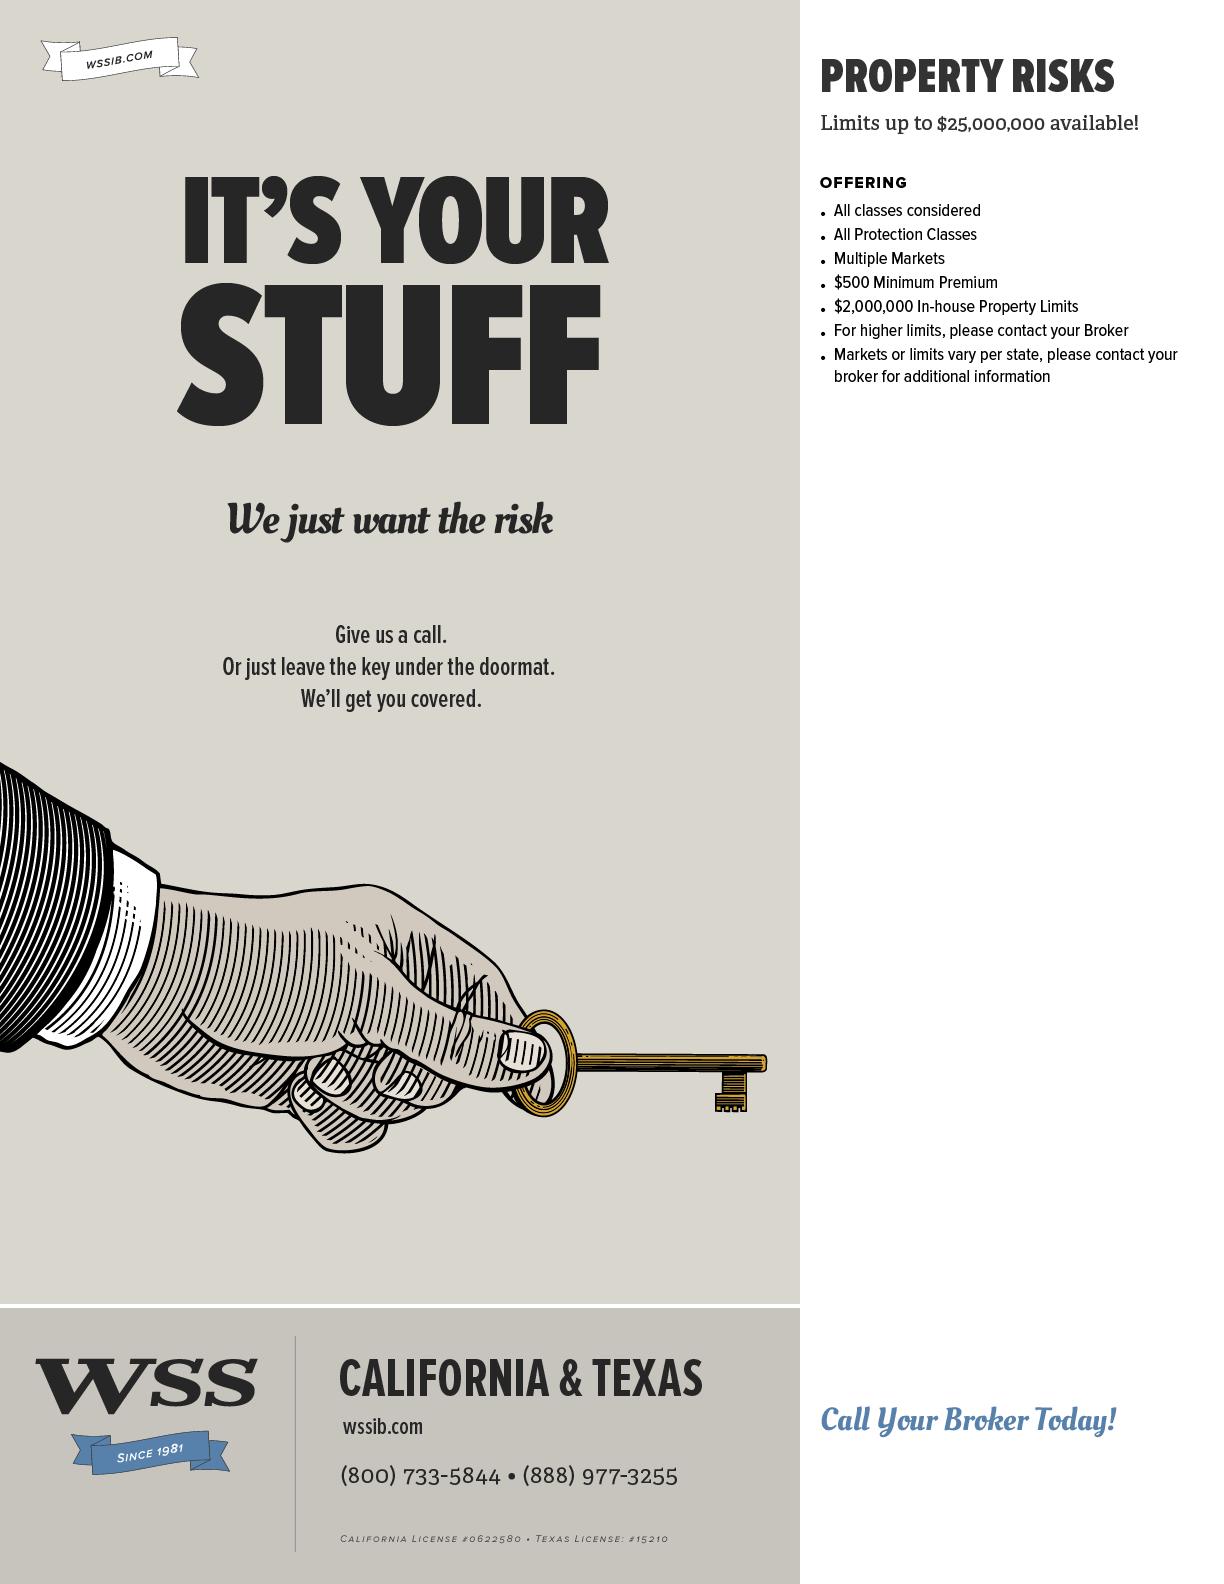 WSS-Flyer-PropertyRIsk.png